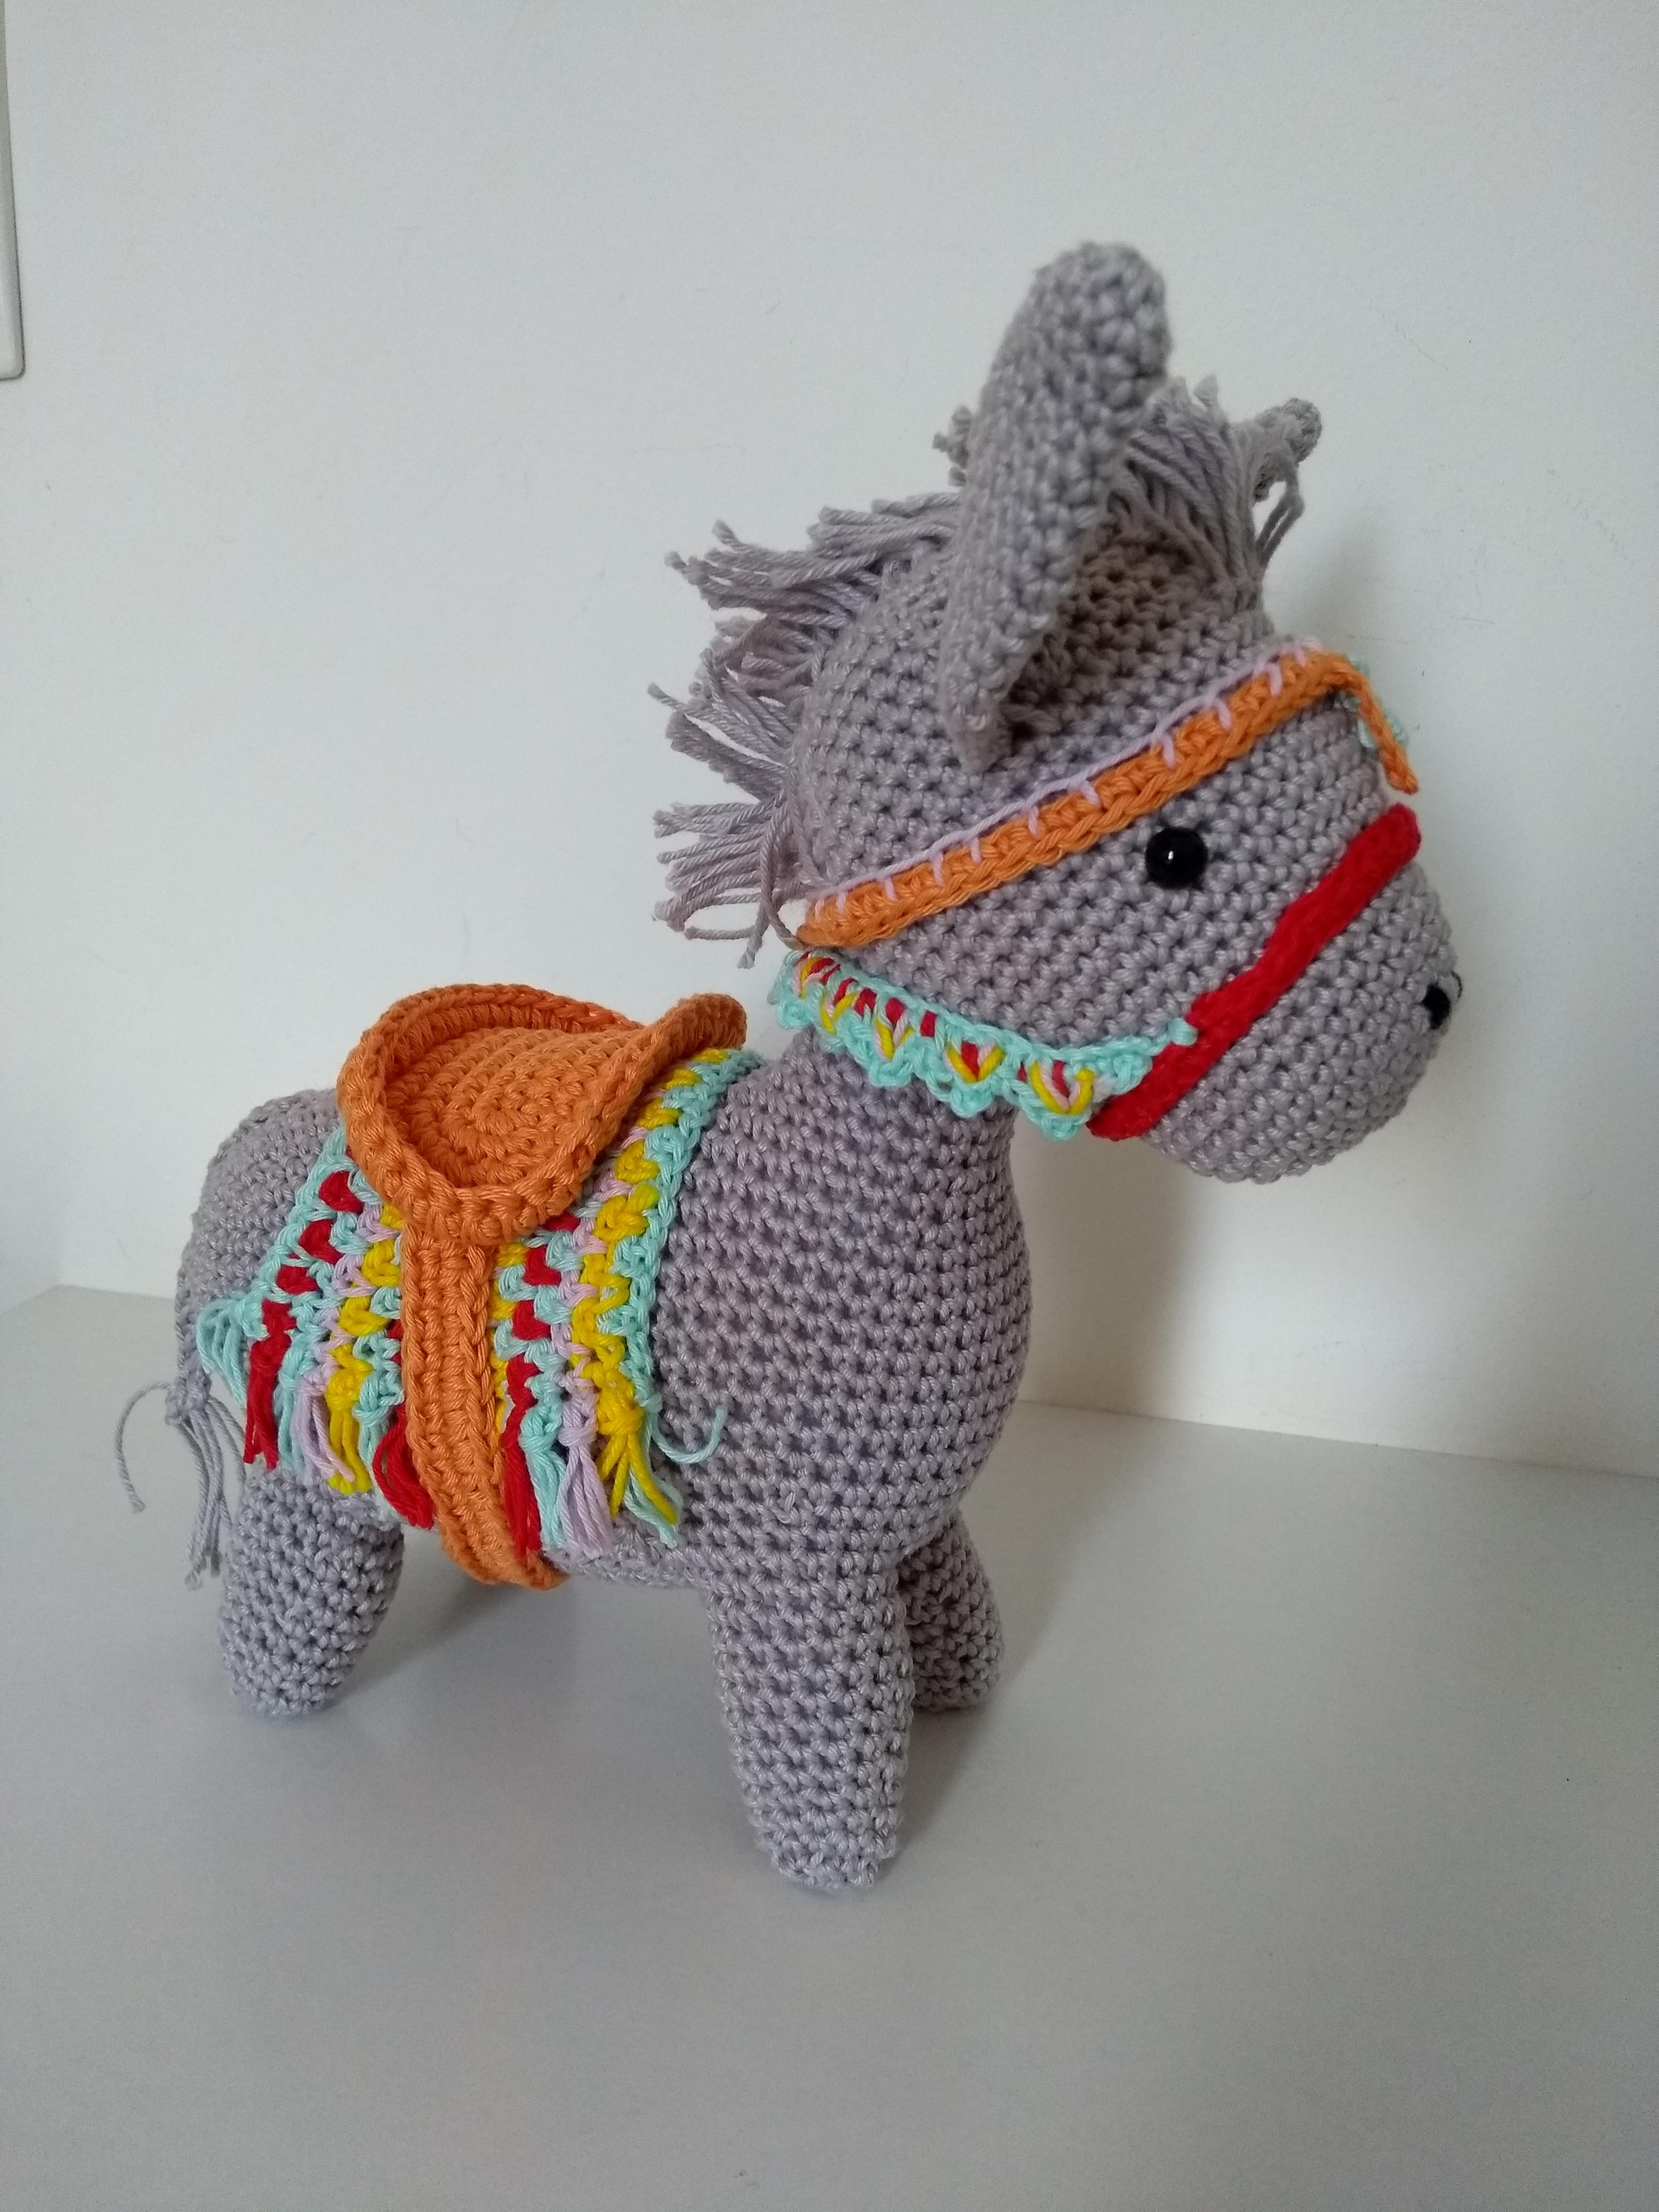 Pedro the amigurumi Donkey Crochet PDF pattern gray donkey | Etsy | 4160x3120